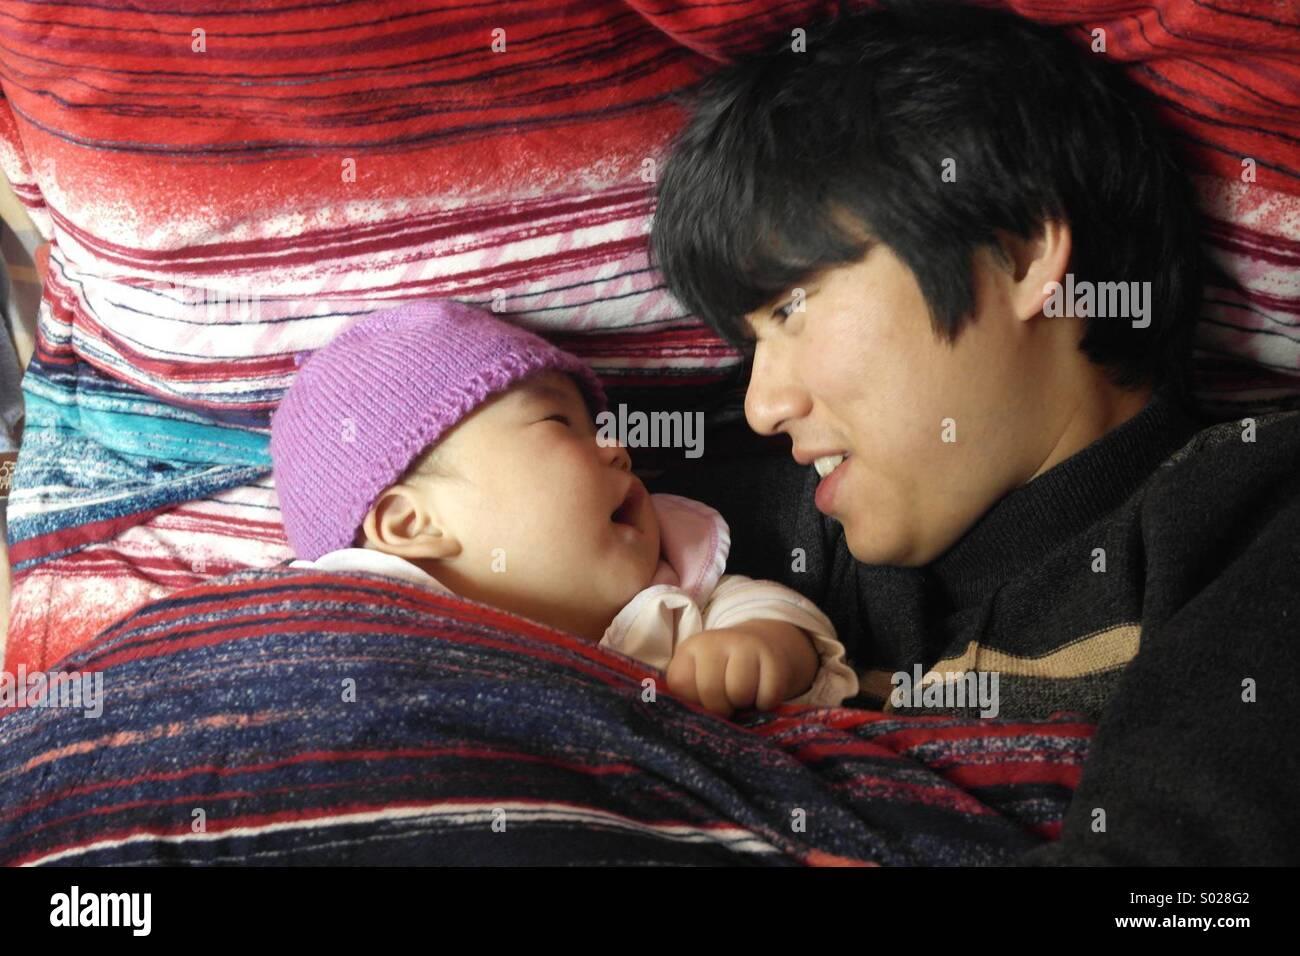 Père et fils d'Asie,6 mois bébé Photo Stock